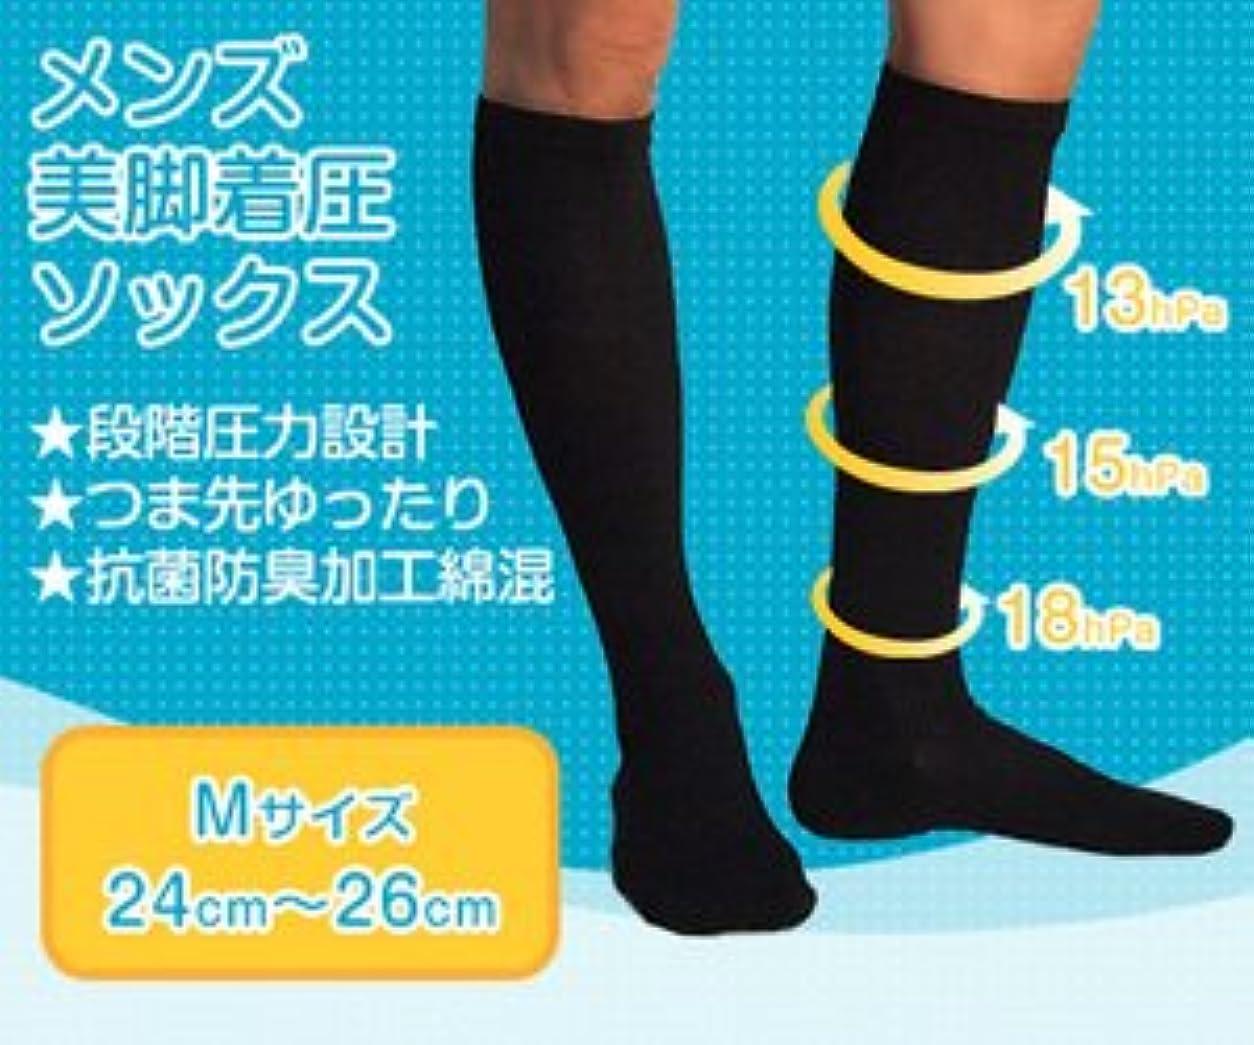 万一に備えてポジティブ直径5足組 男性用 綿 着圧ソックス 足の疲れ むくみ対策 黒 24-26cm 太陽ニット N001M